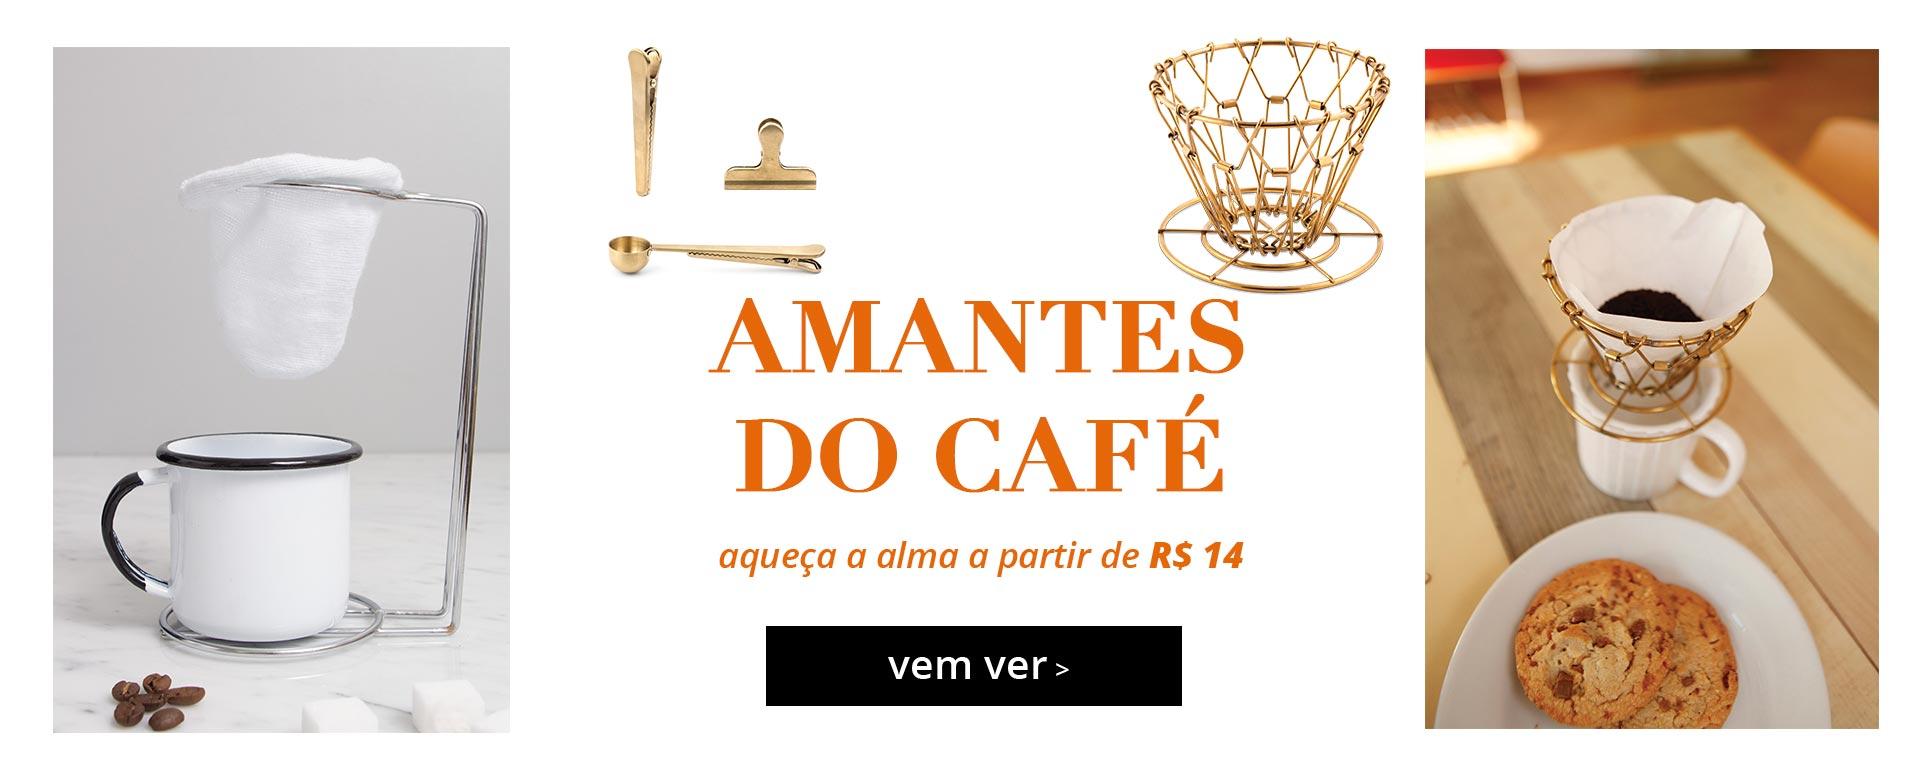 A - VINIL - AMANTES DE CAFE